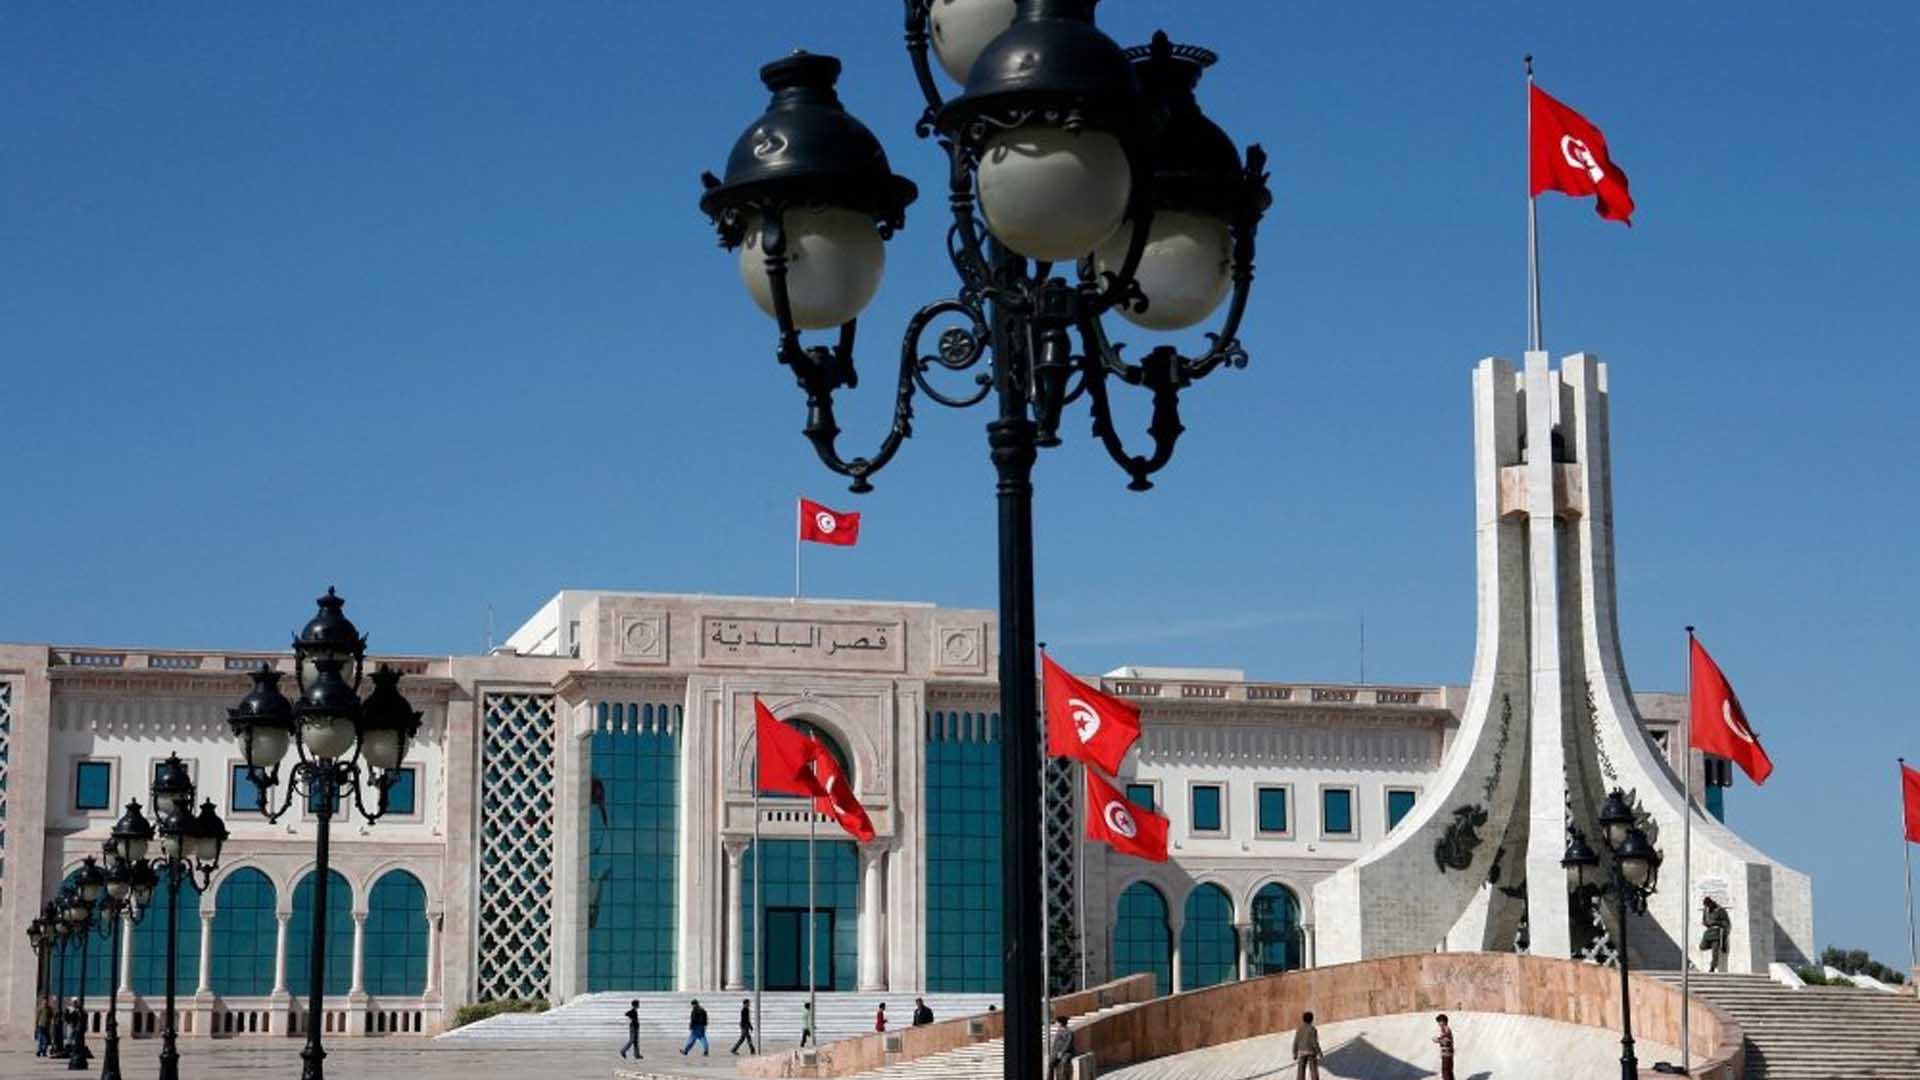 تونس: الأحزاب السياسية والديمقراطية في أزمة